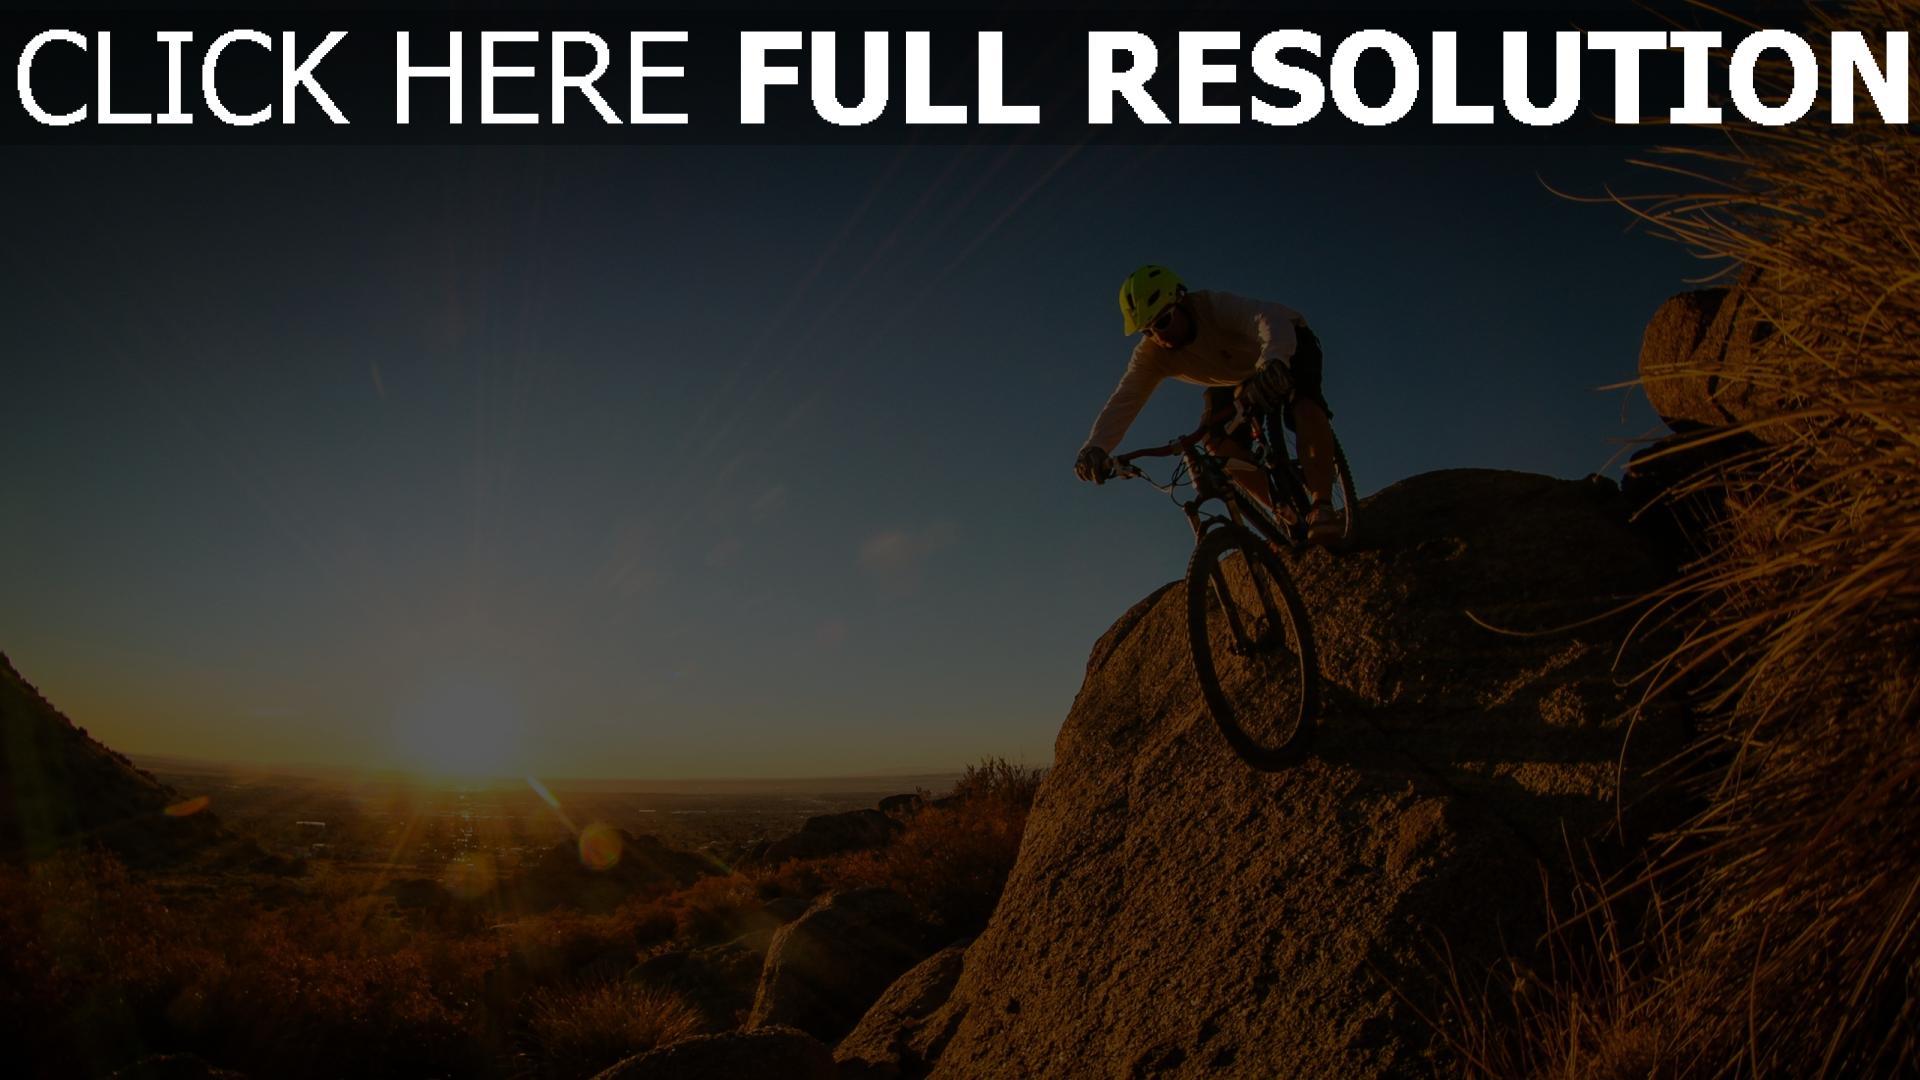 hd hintergrundbilder fahrrad mountainbike downhill mann radfahrer 1920x1080